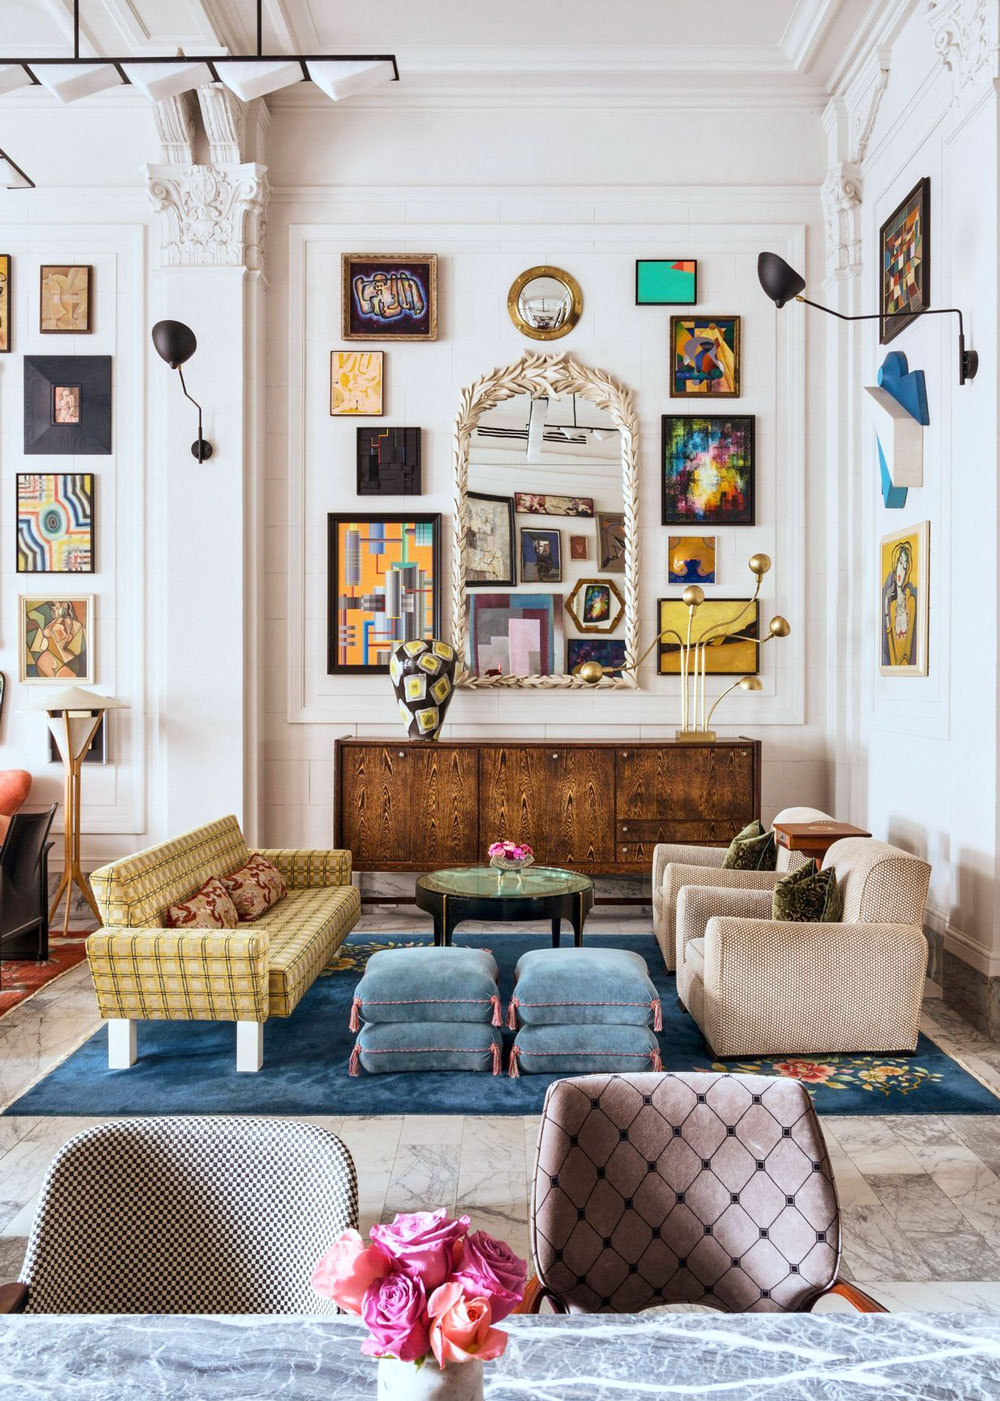 5 Living Room Designs F A Lover Of Vintage Design 1 living room designs 5 Living Room Designs F/ A Lover Of Vintage Design 5 Living Room Designs F A Lover Of Vintage Design 4